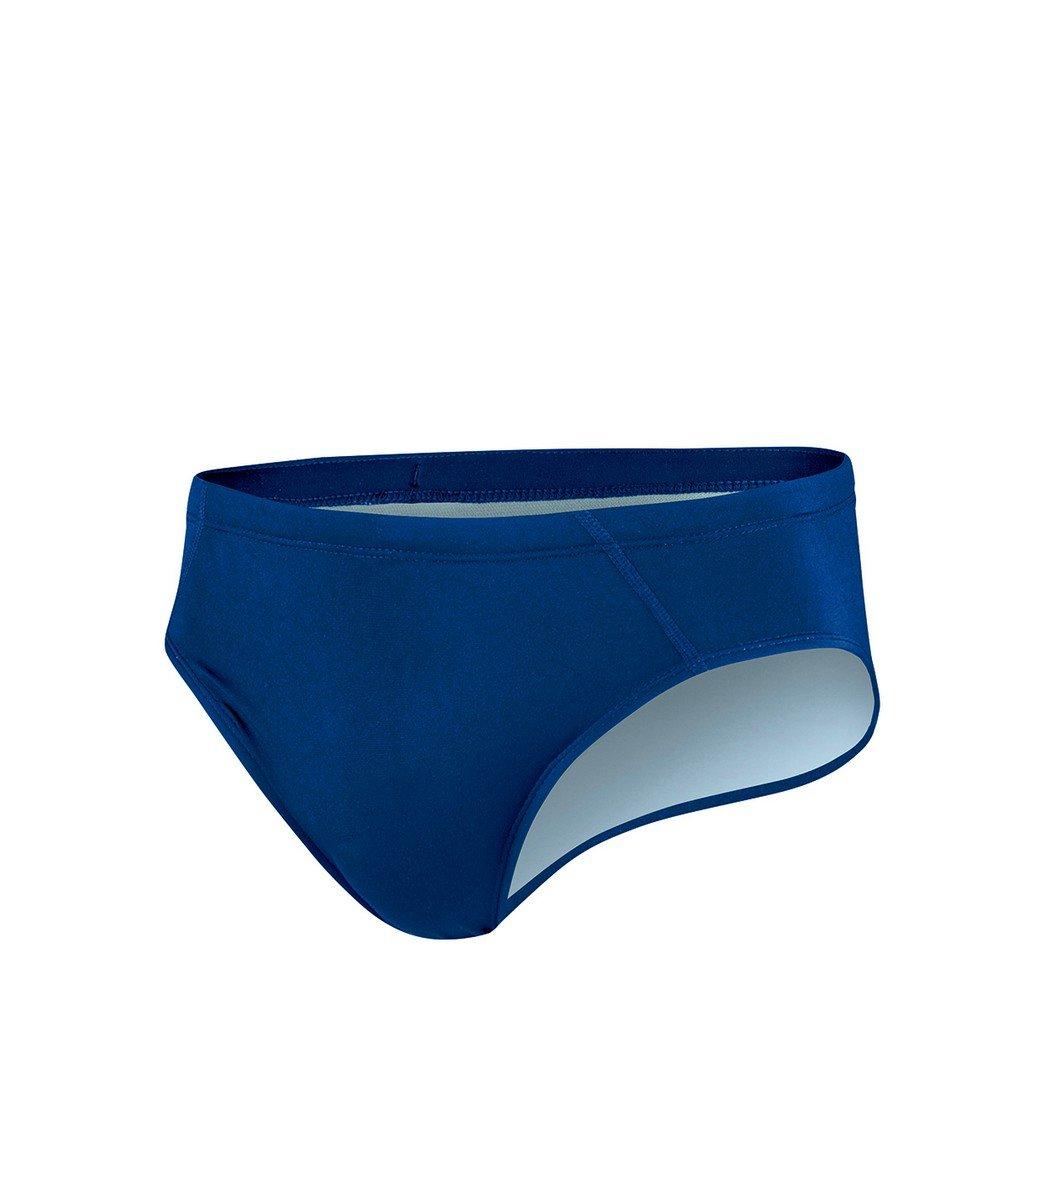 Nike Big Swoosh Swim Brief Men's 28 ArgonBlue